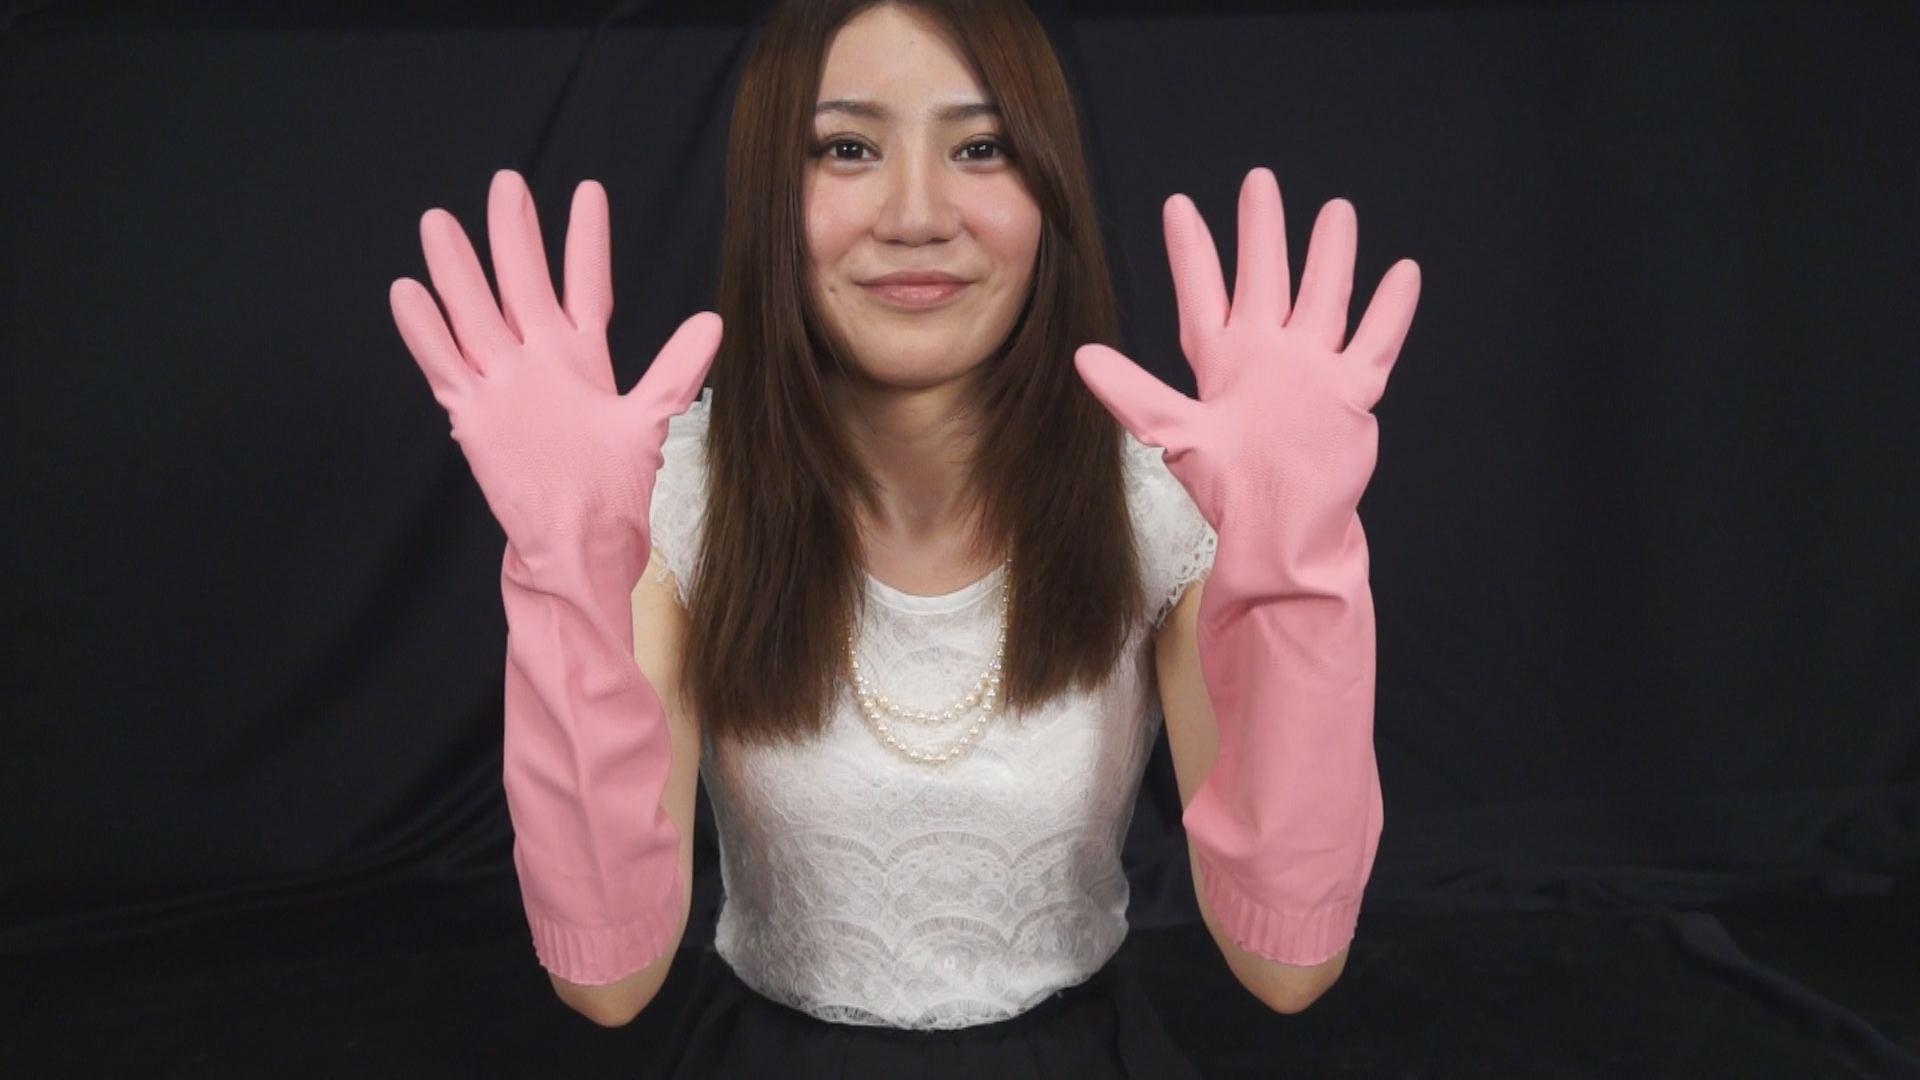 NEW ゴム手袋専科 7 サンプル画像06